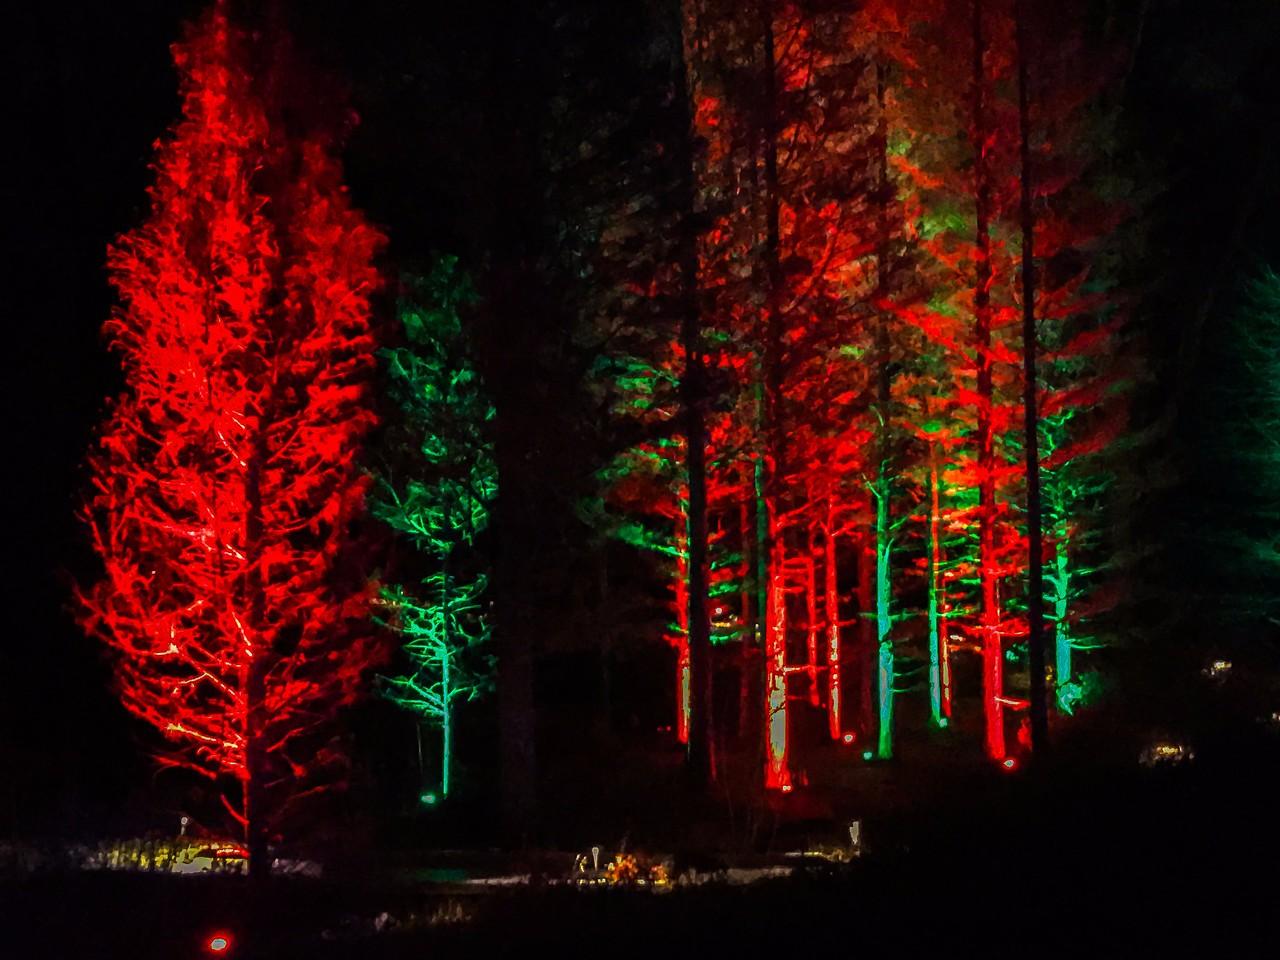 费城长木公园,夜幕下的灿烂_图1-8